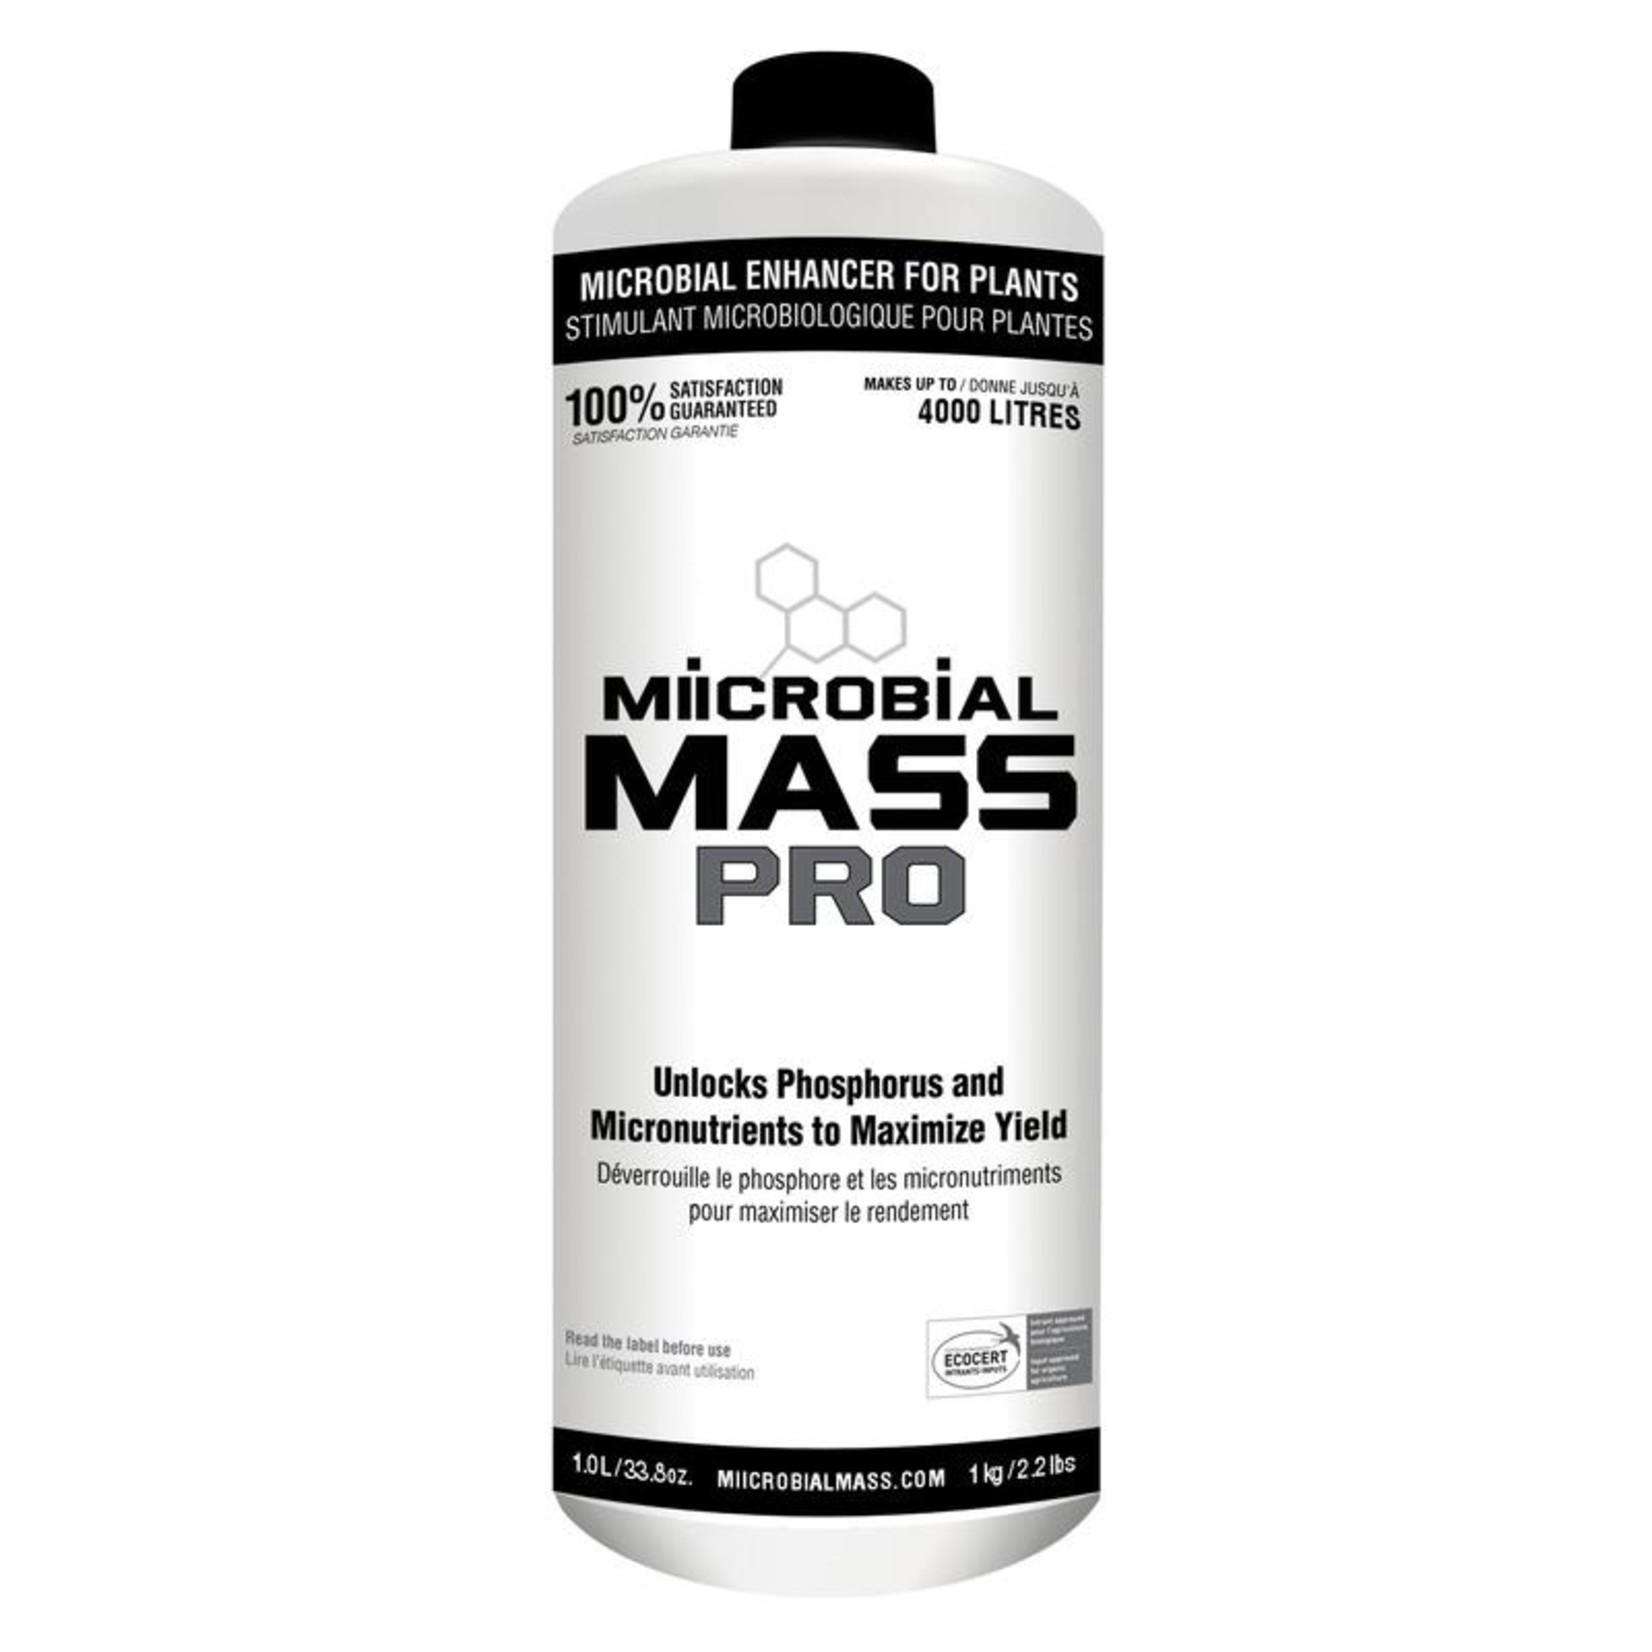 MIICROBIAL MASS PRO 1L / 1 QT